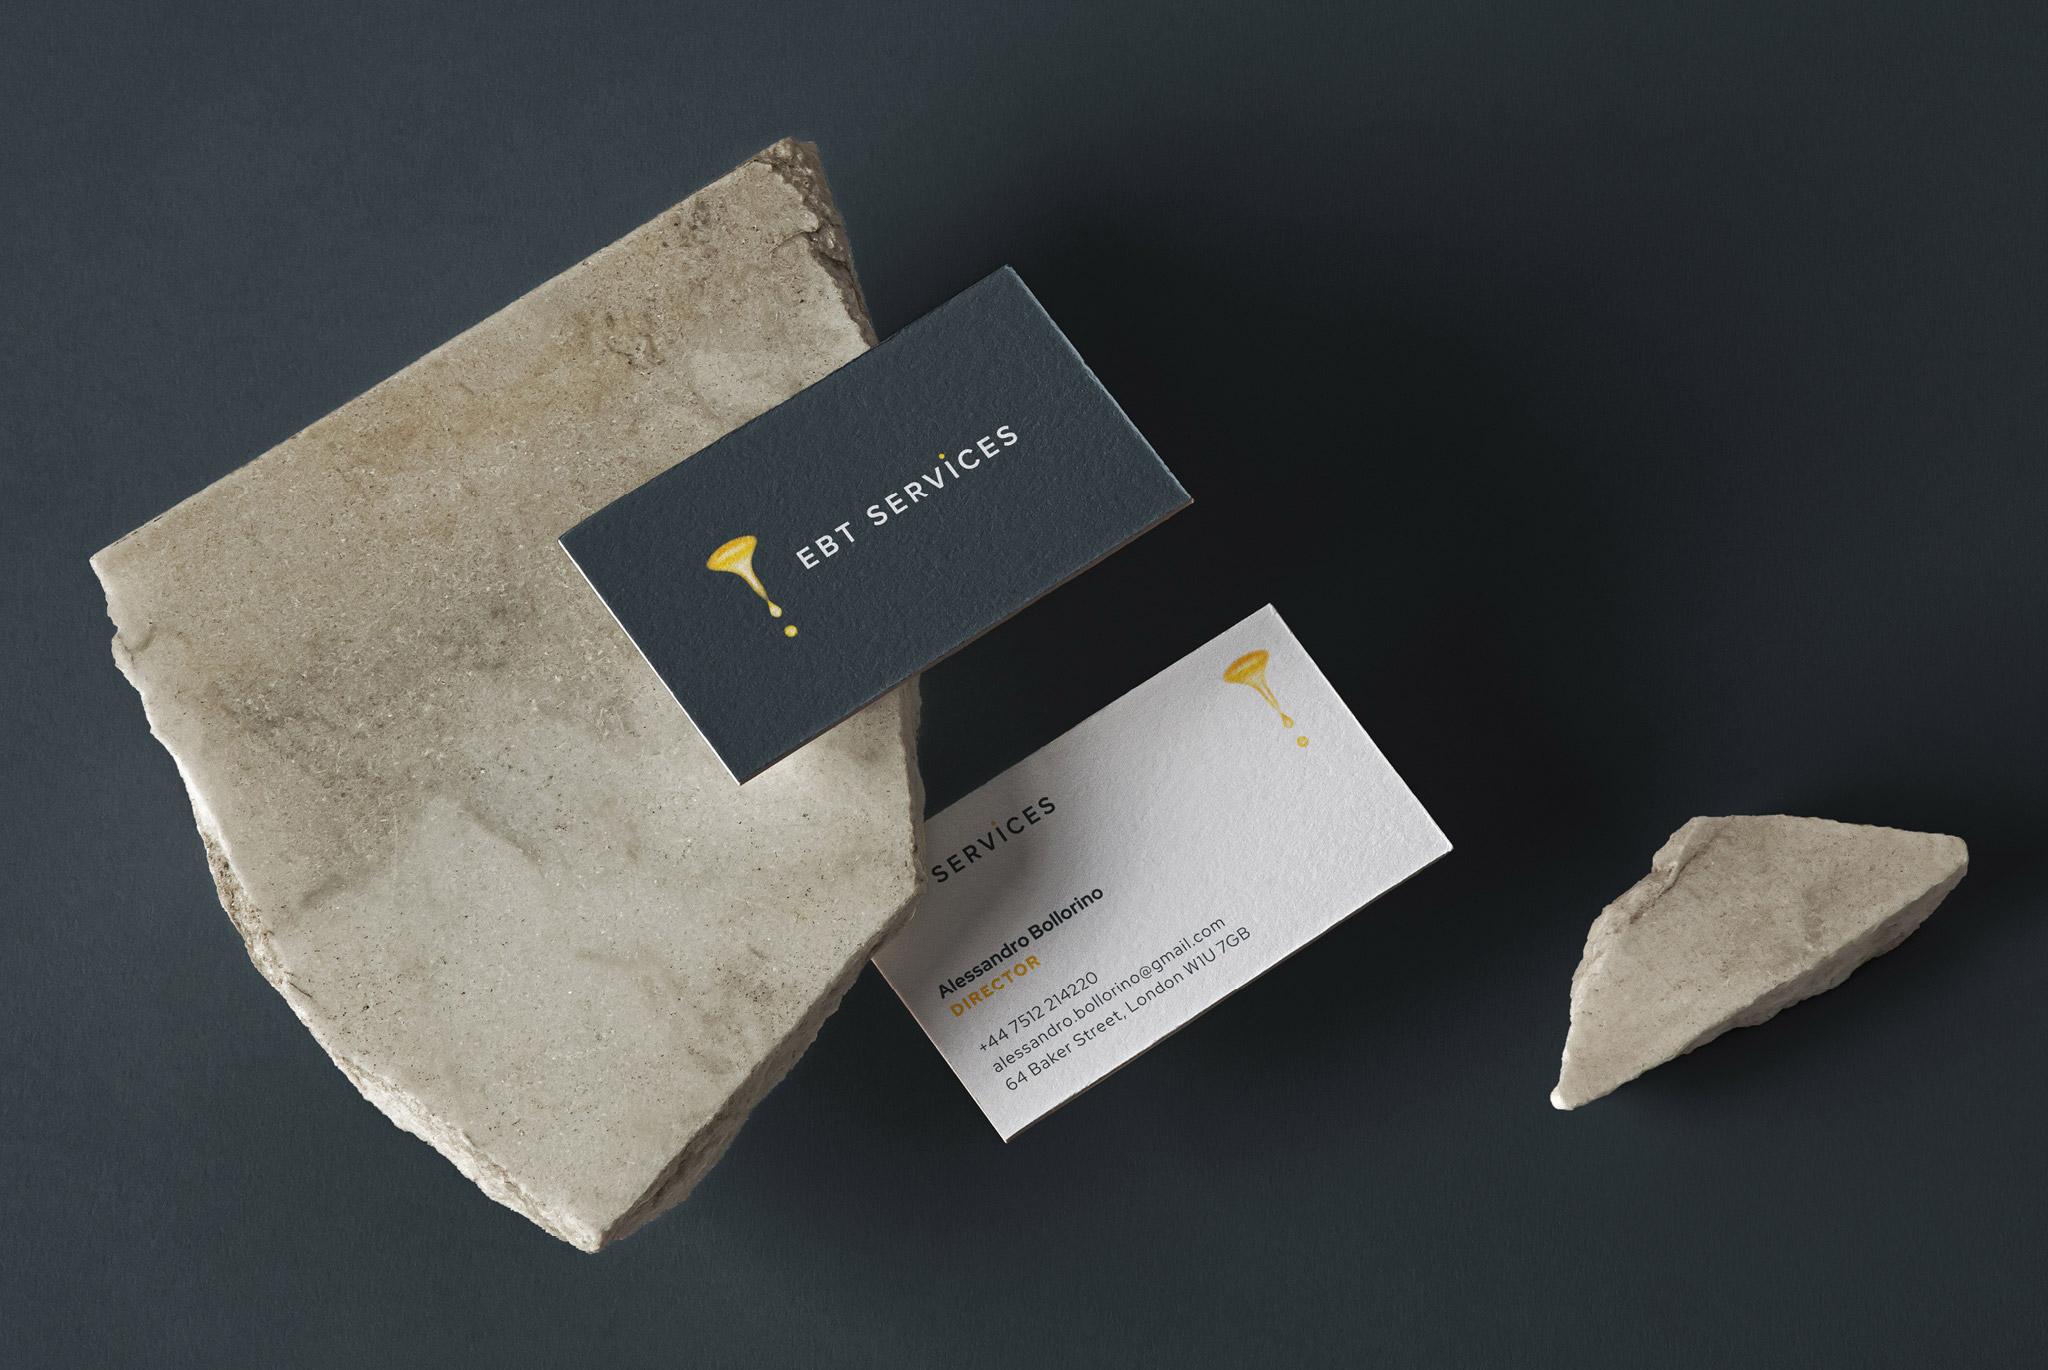 EBT Services Business Card